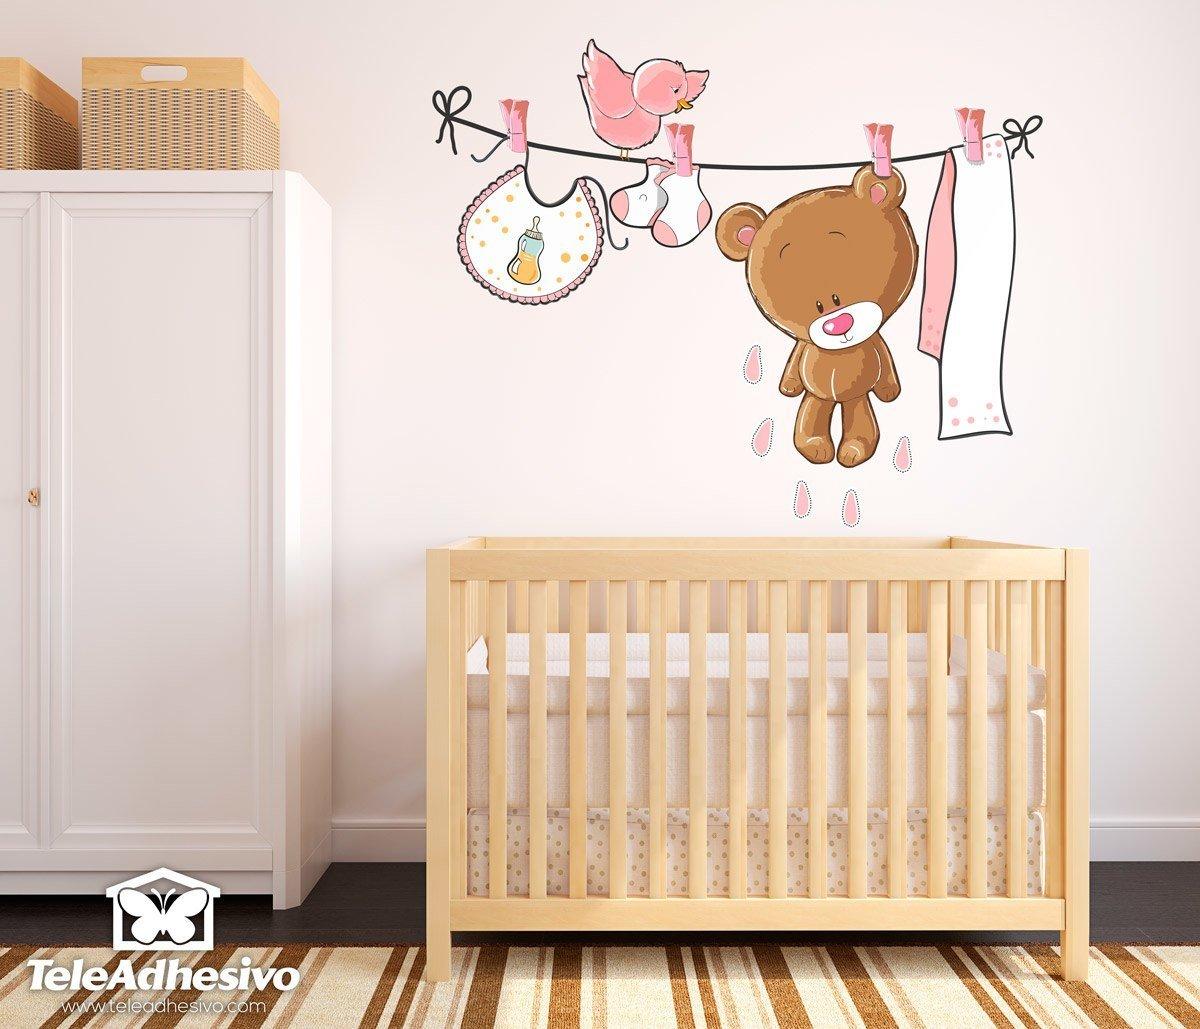 Decorazioni murali per camerette cameretta per ragazzi - Decorazioni murali per bambini ...